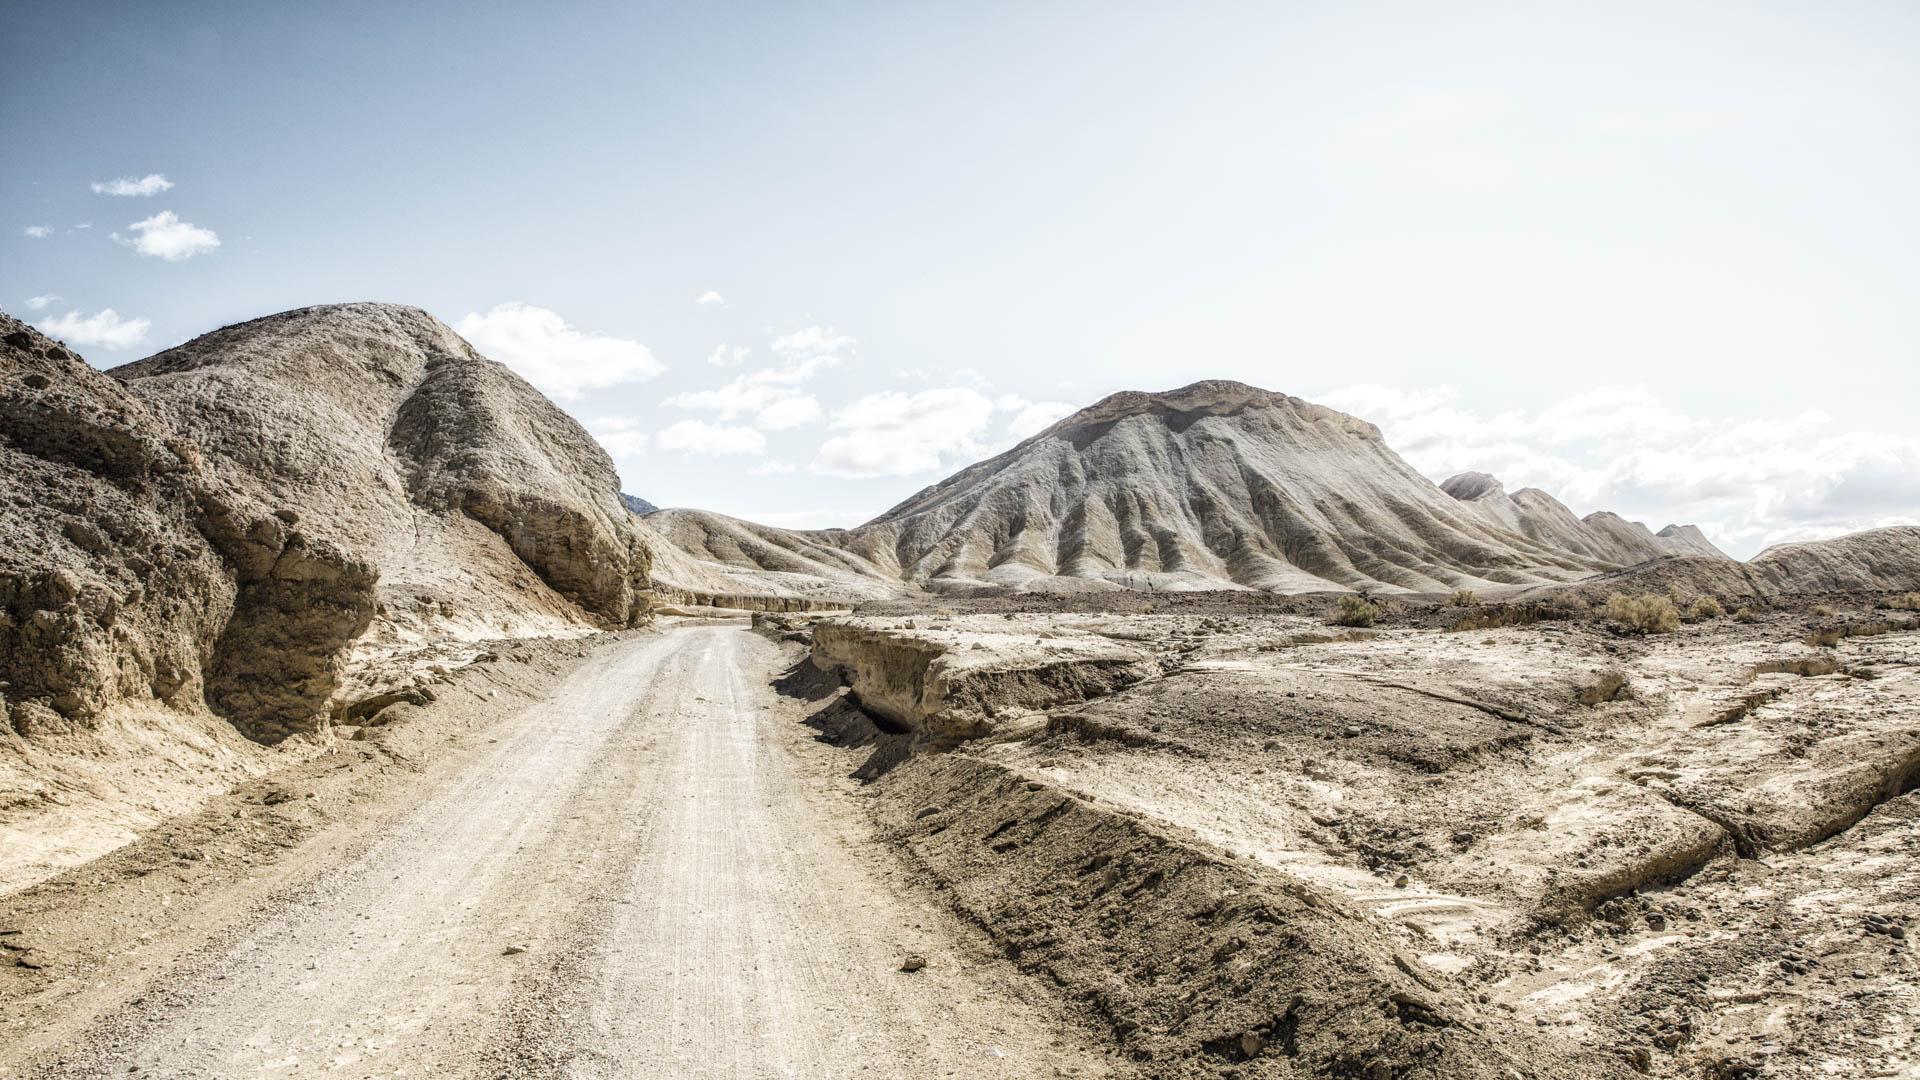 LDKphoto - Death Valley - 10.jpg